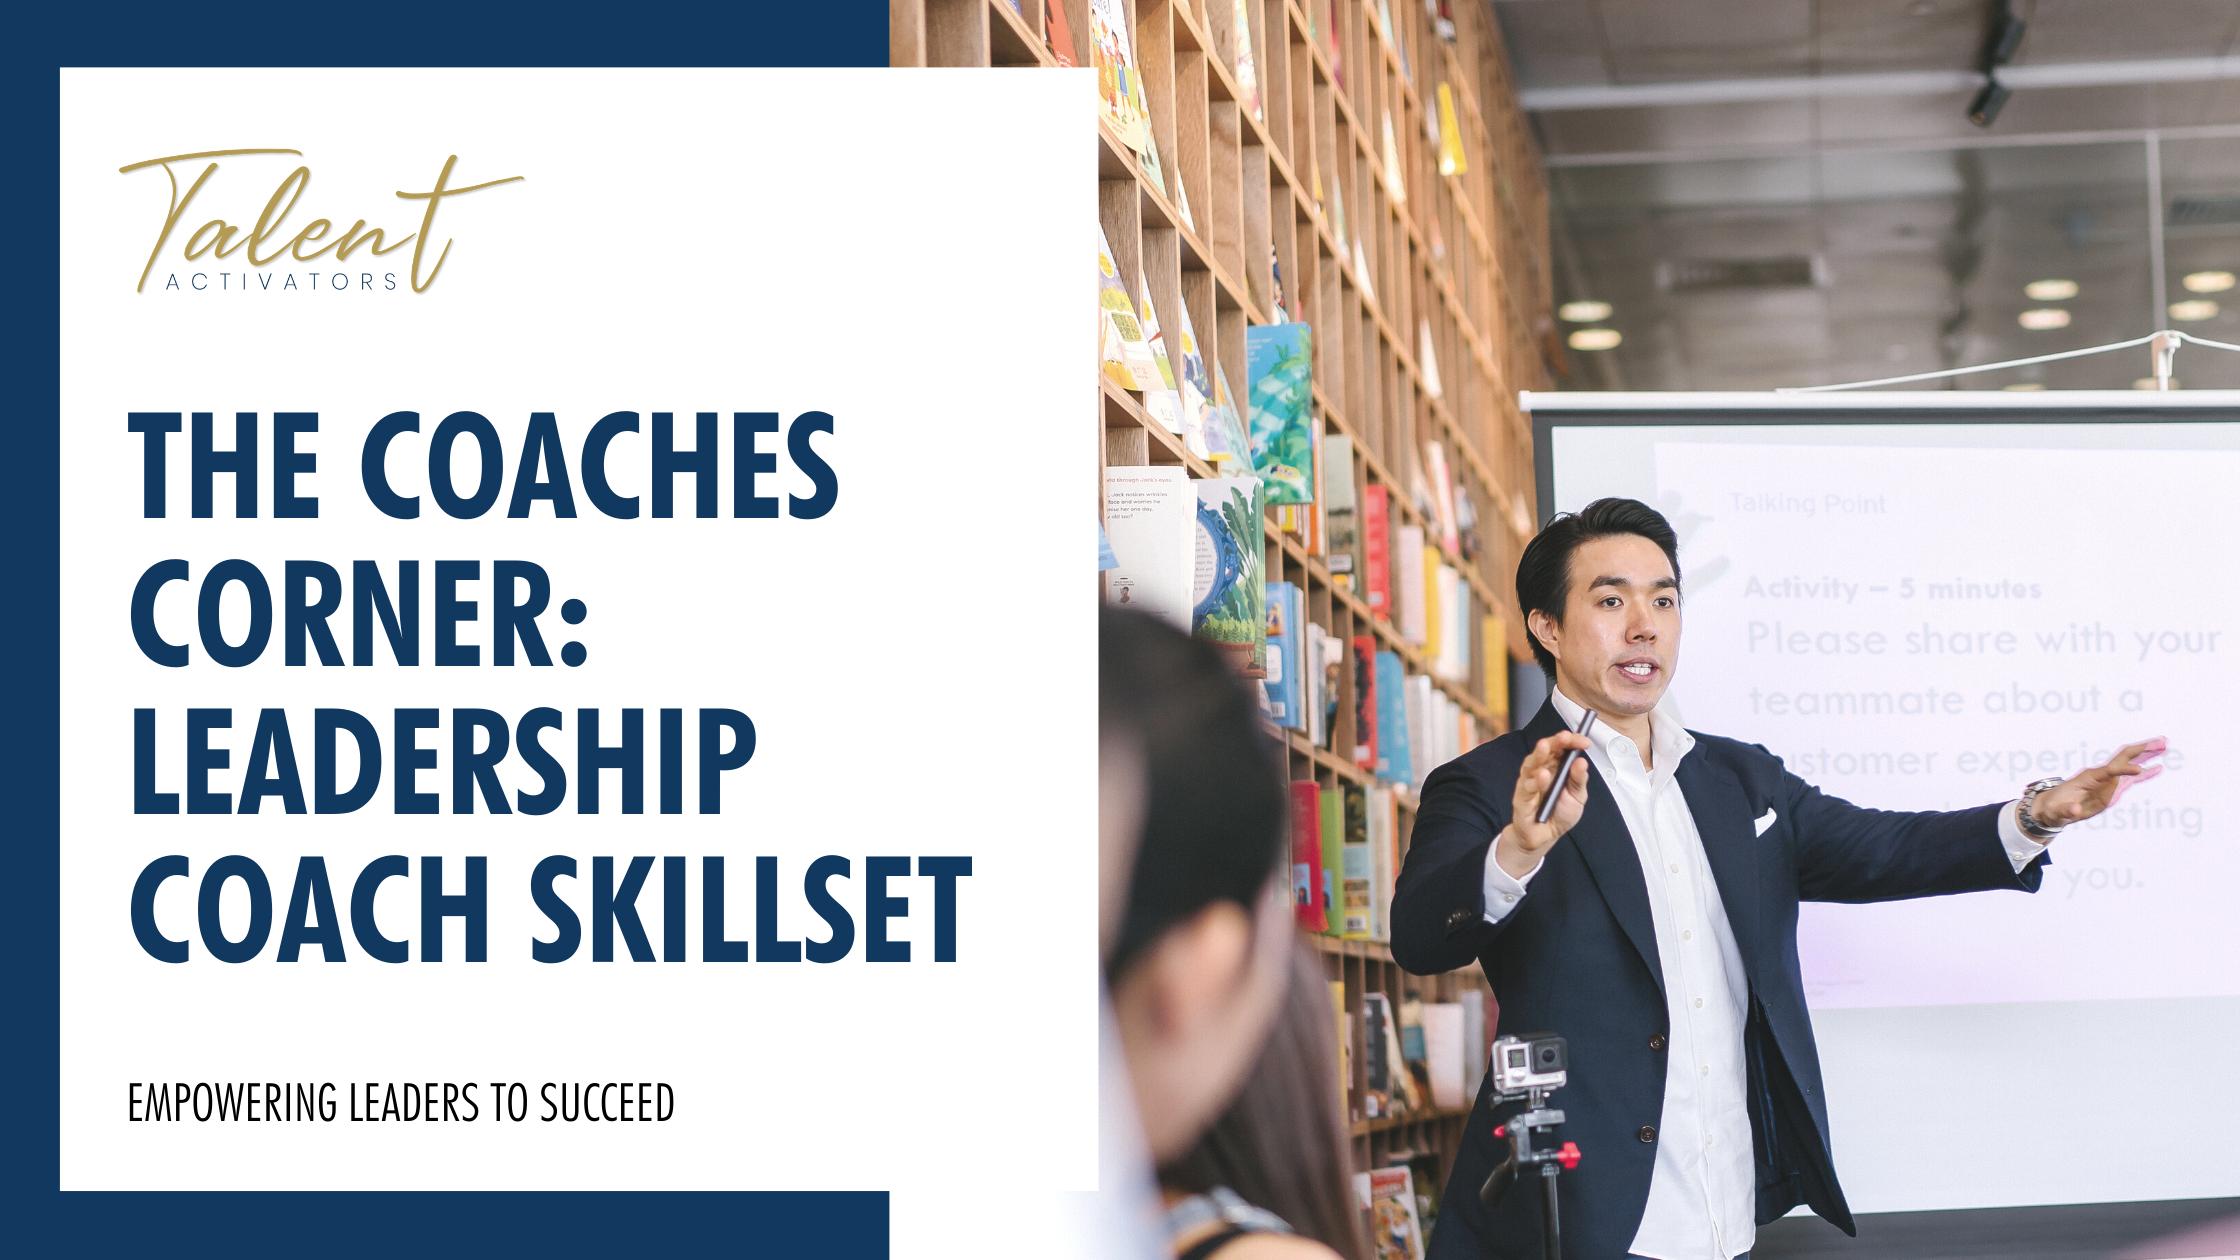 leadership coach skillset